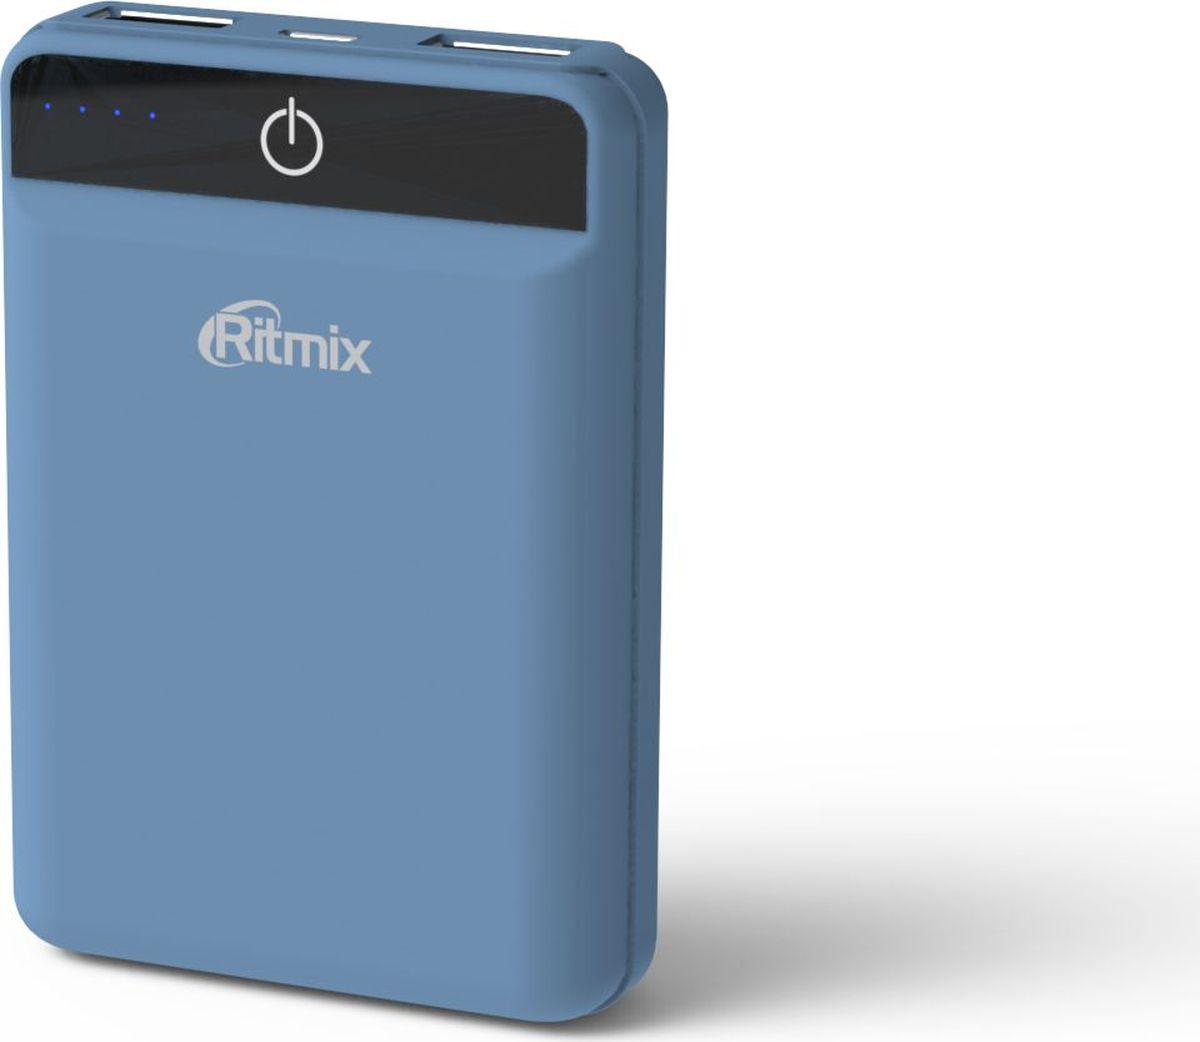 Ritmix RPB-10003L, Smoky Blue внешний аккумулятор (10000 мАч)15119476Ritmix RPB-10003L - это самый компактный в своем классе Power Bank с емкостью 10 000 мАч, предназначенный для зарядки мобильных телефонов, смартфонов, планшетов, MP3-плееров и любой другой техники с возможностью питания от USB-порта.Устройство оснащено двумя USB-портами до 2100 мА каждый (суммарно до 2,4 А) и микросхемой Smart IC, обеспечивая оптимальное питание и для старенького сотового телефона, и для новейшего планшета. Имеет мощный аккумулятор емкостью ресурсом не менее 500 циклов, а также LED-индикатор заряда.